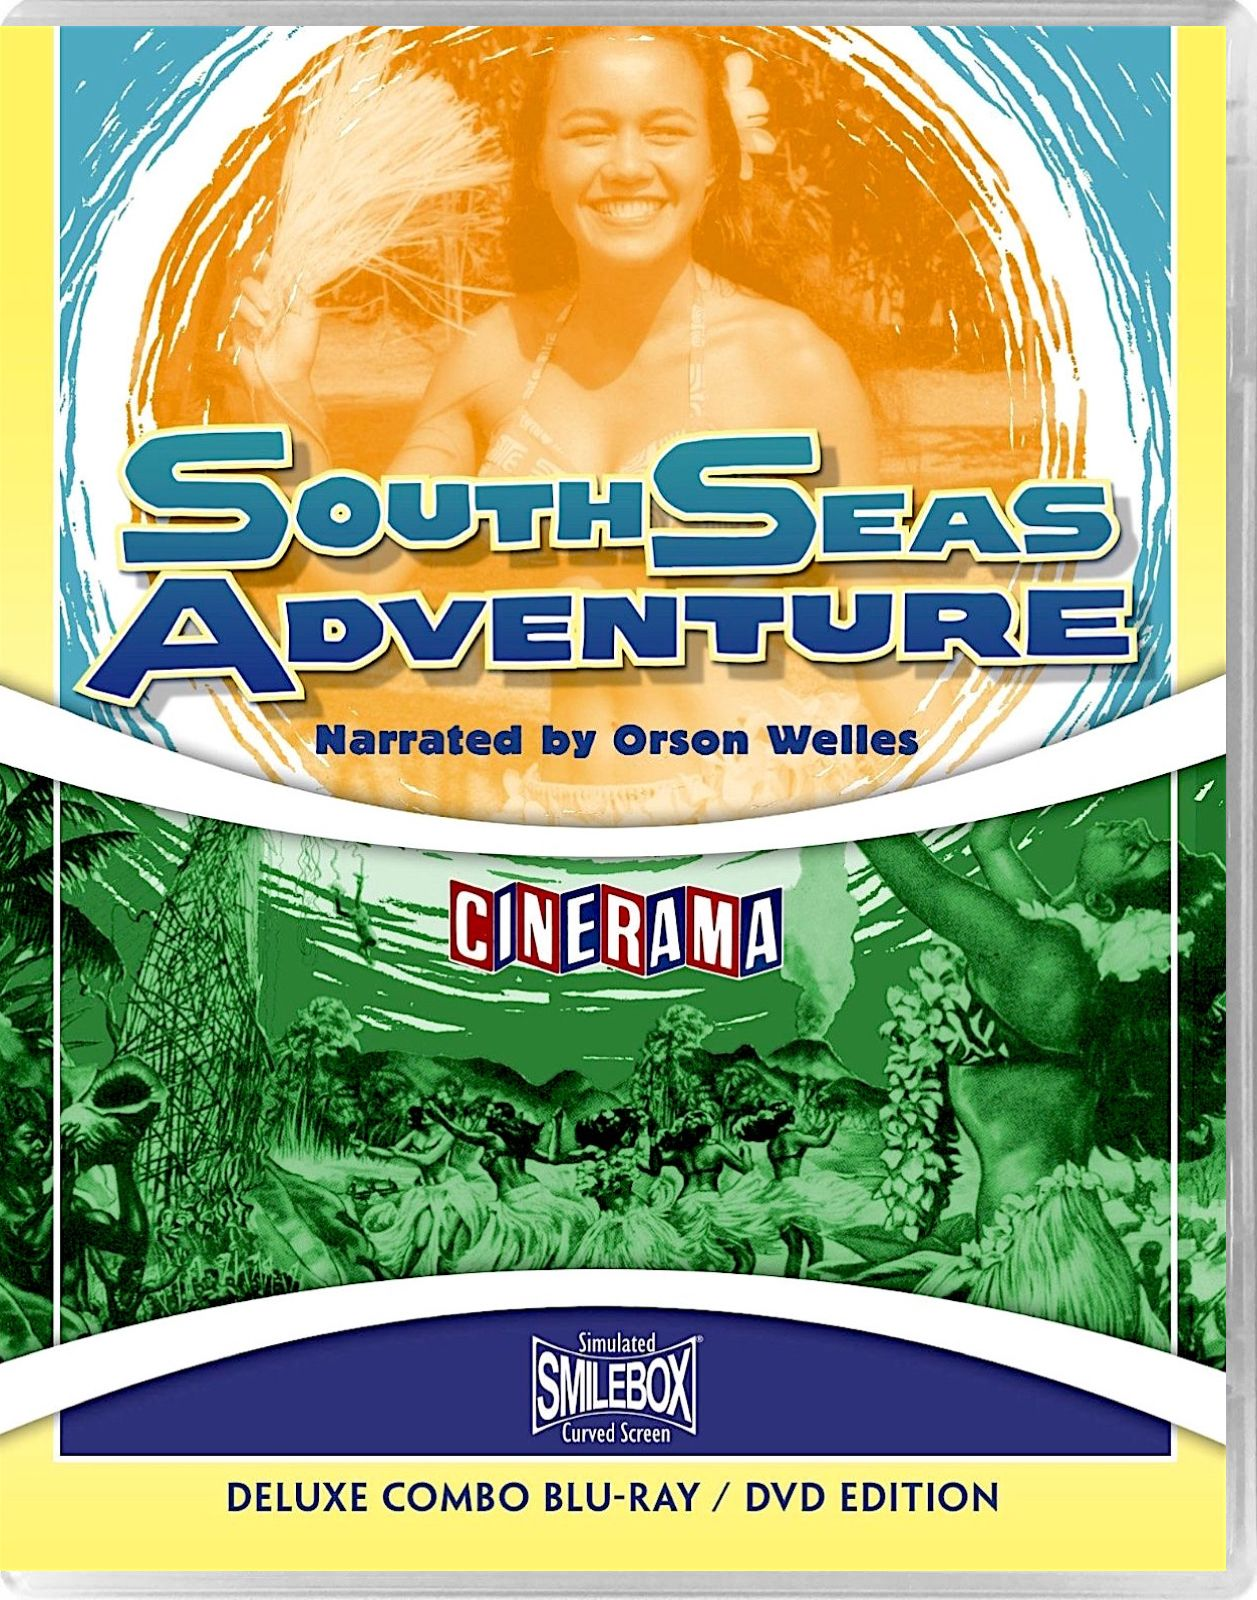 Cinerama South Seas Adventure Blu Ray Flicker Alley Adventure Of The Seas South Seas Adventure Movie